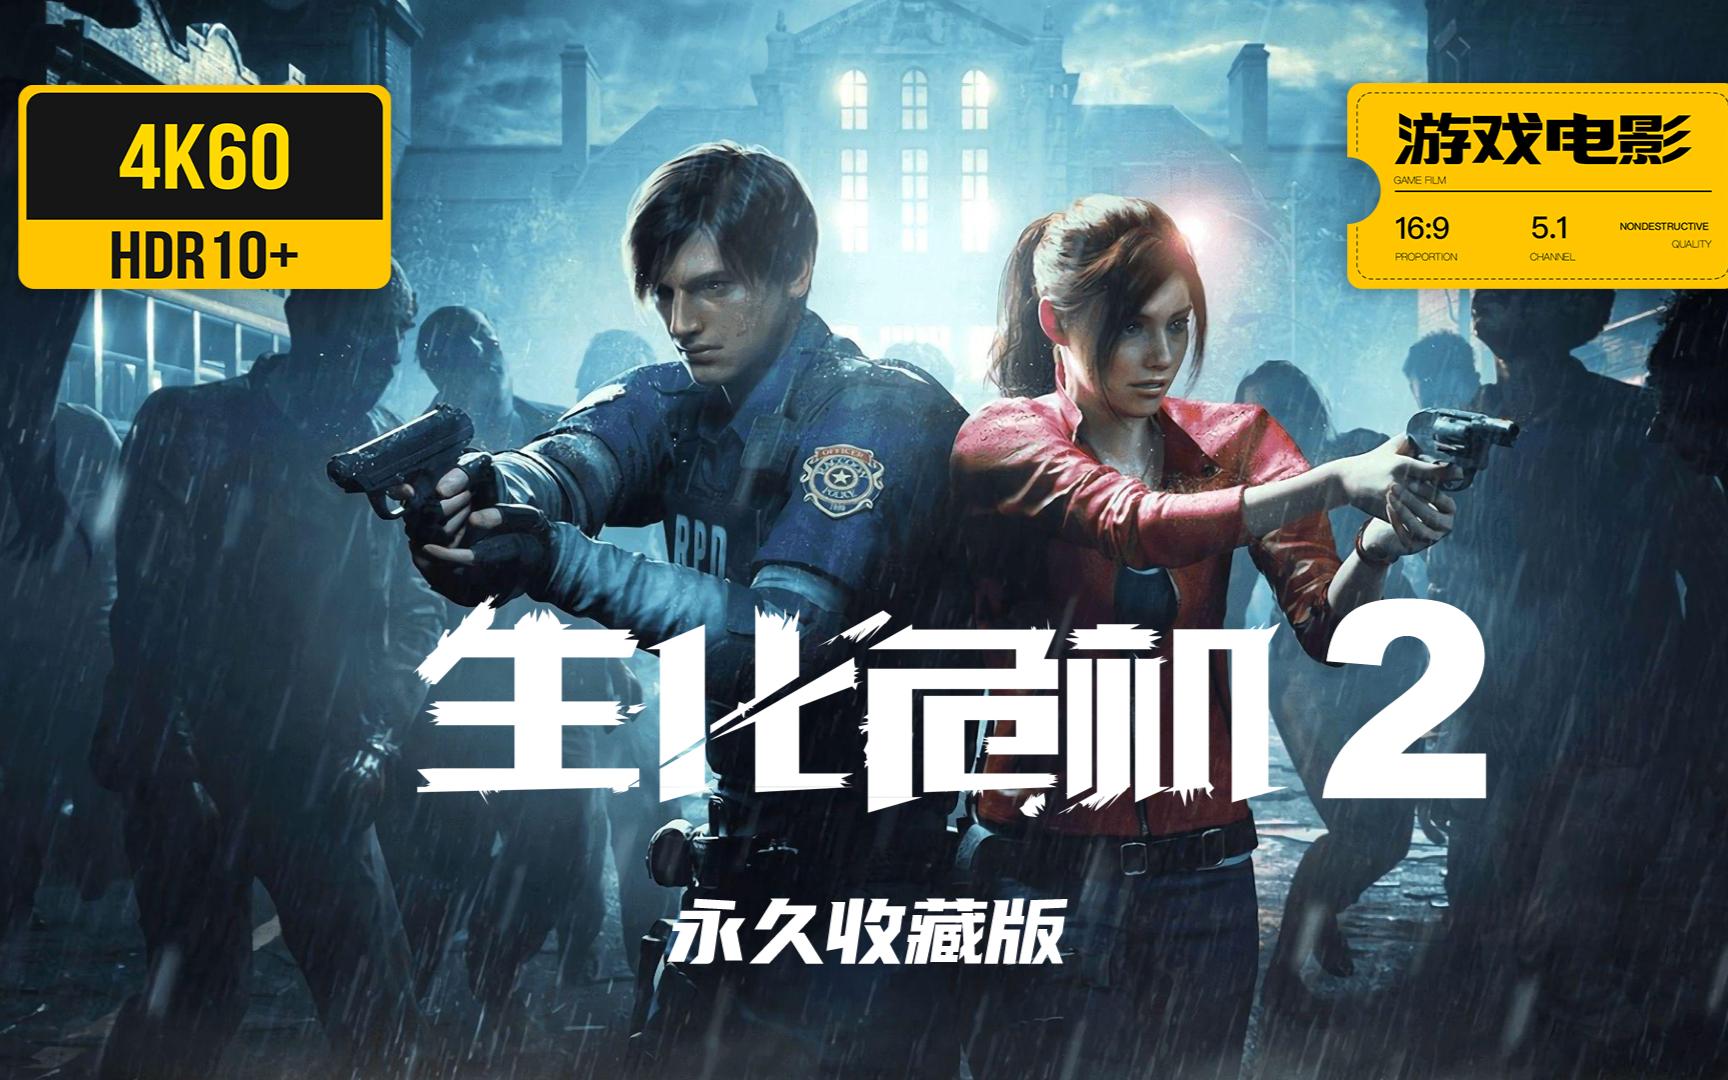 游戏电影《生化危机2重制版》完整剧情 永久收藏版 4K60全特效